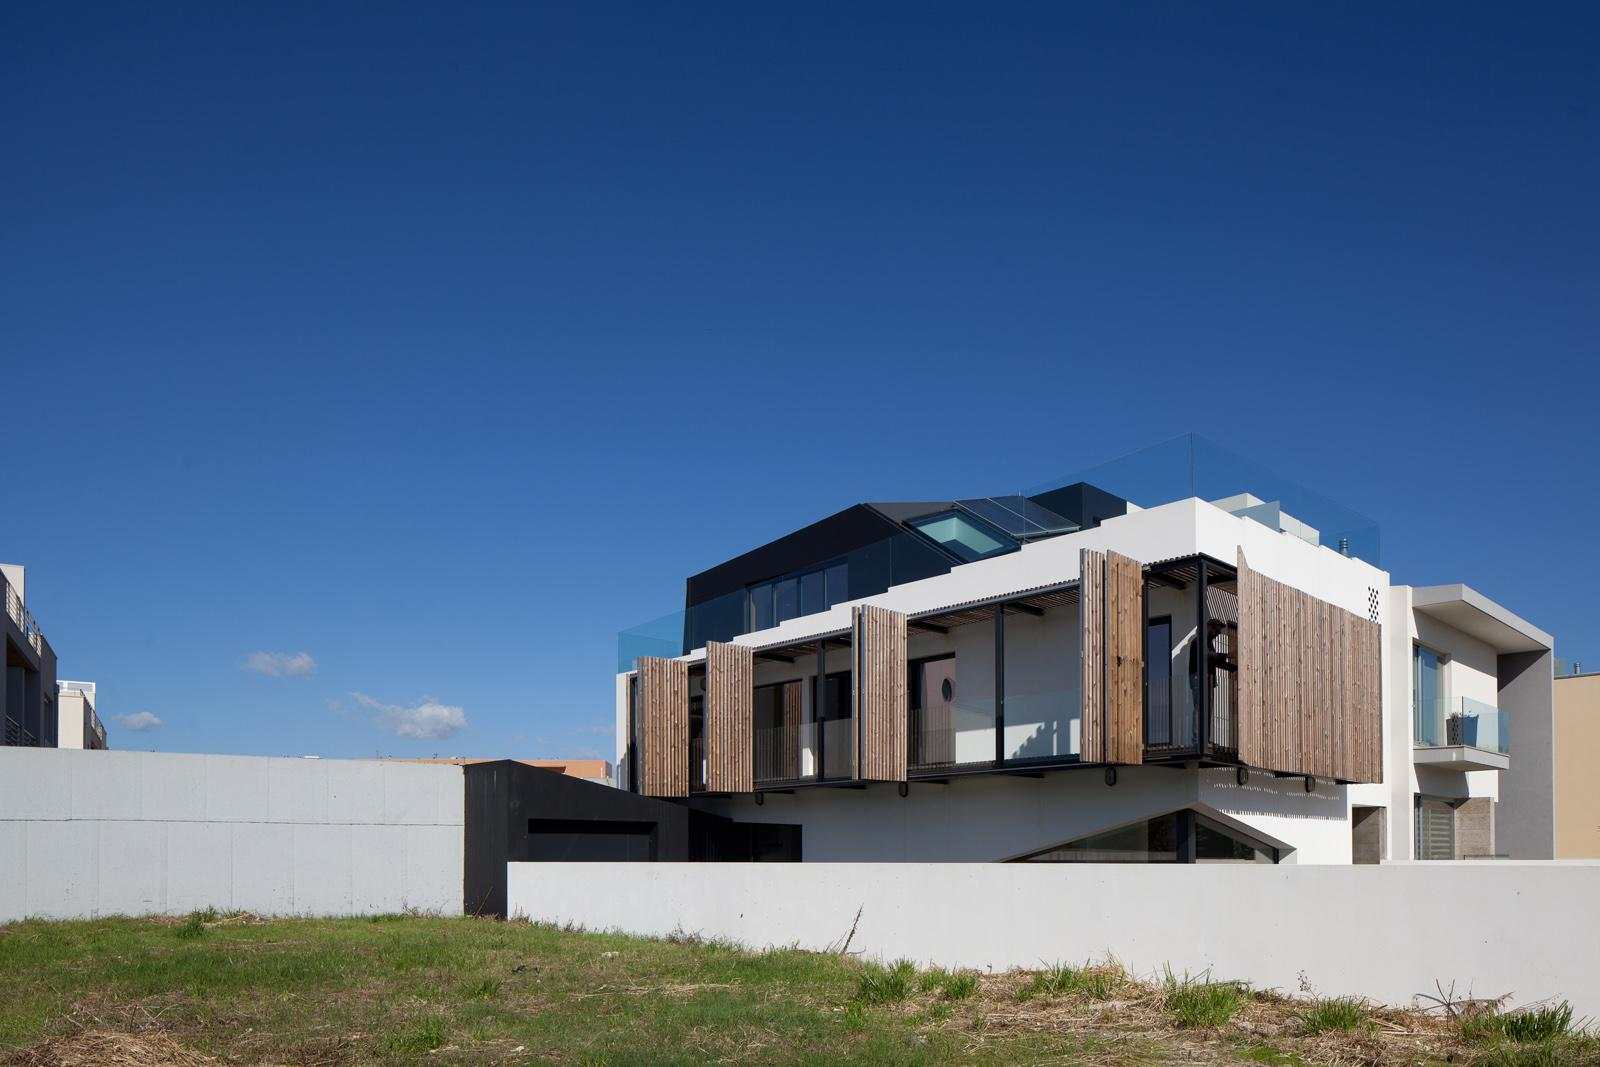 348 Arquitectura